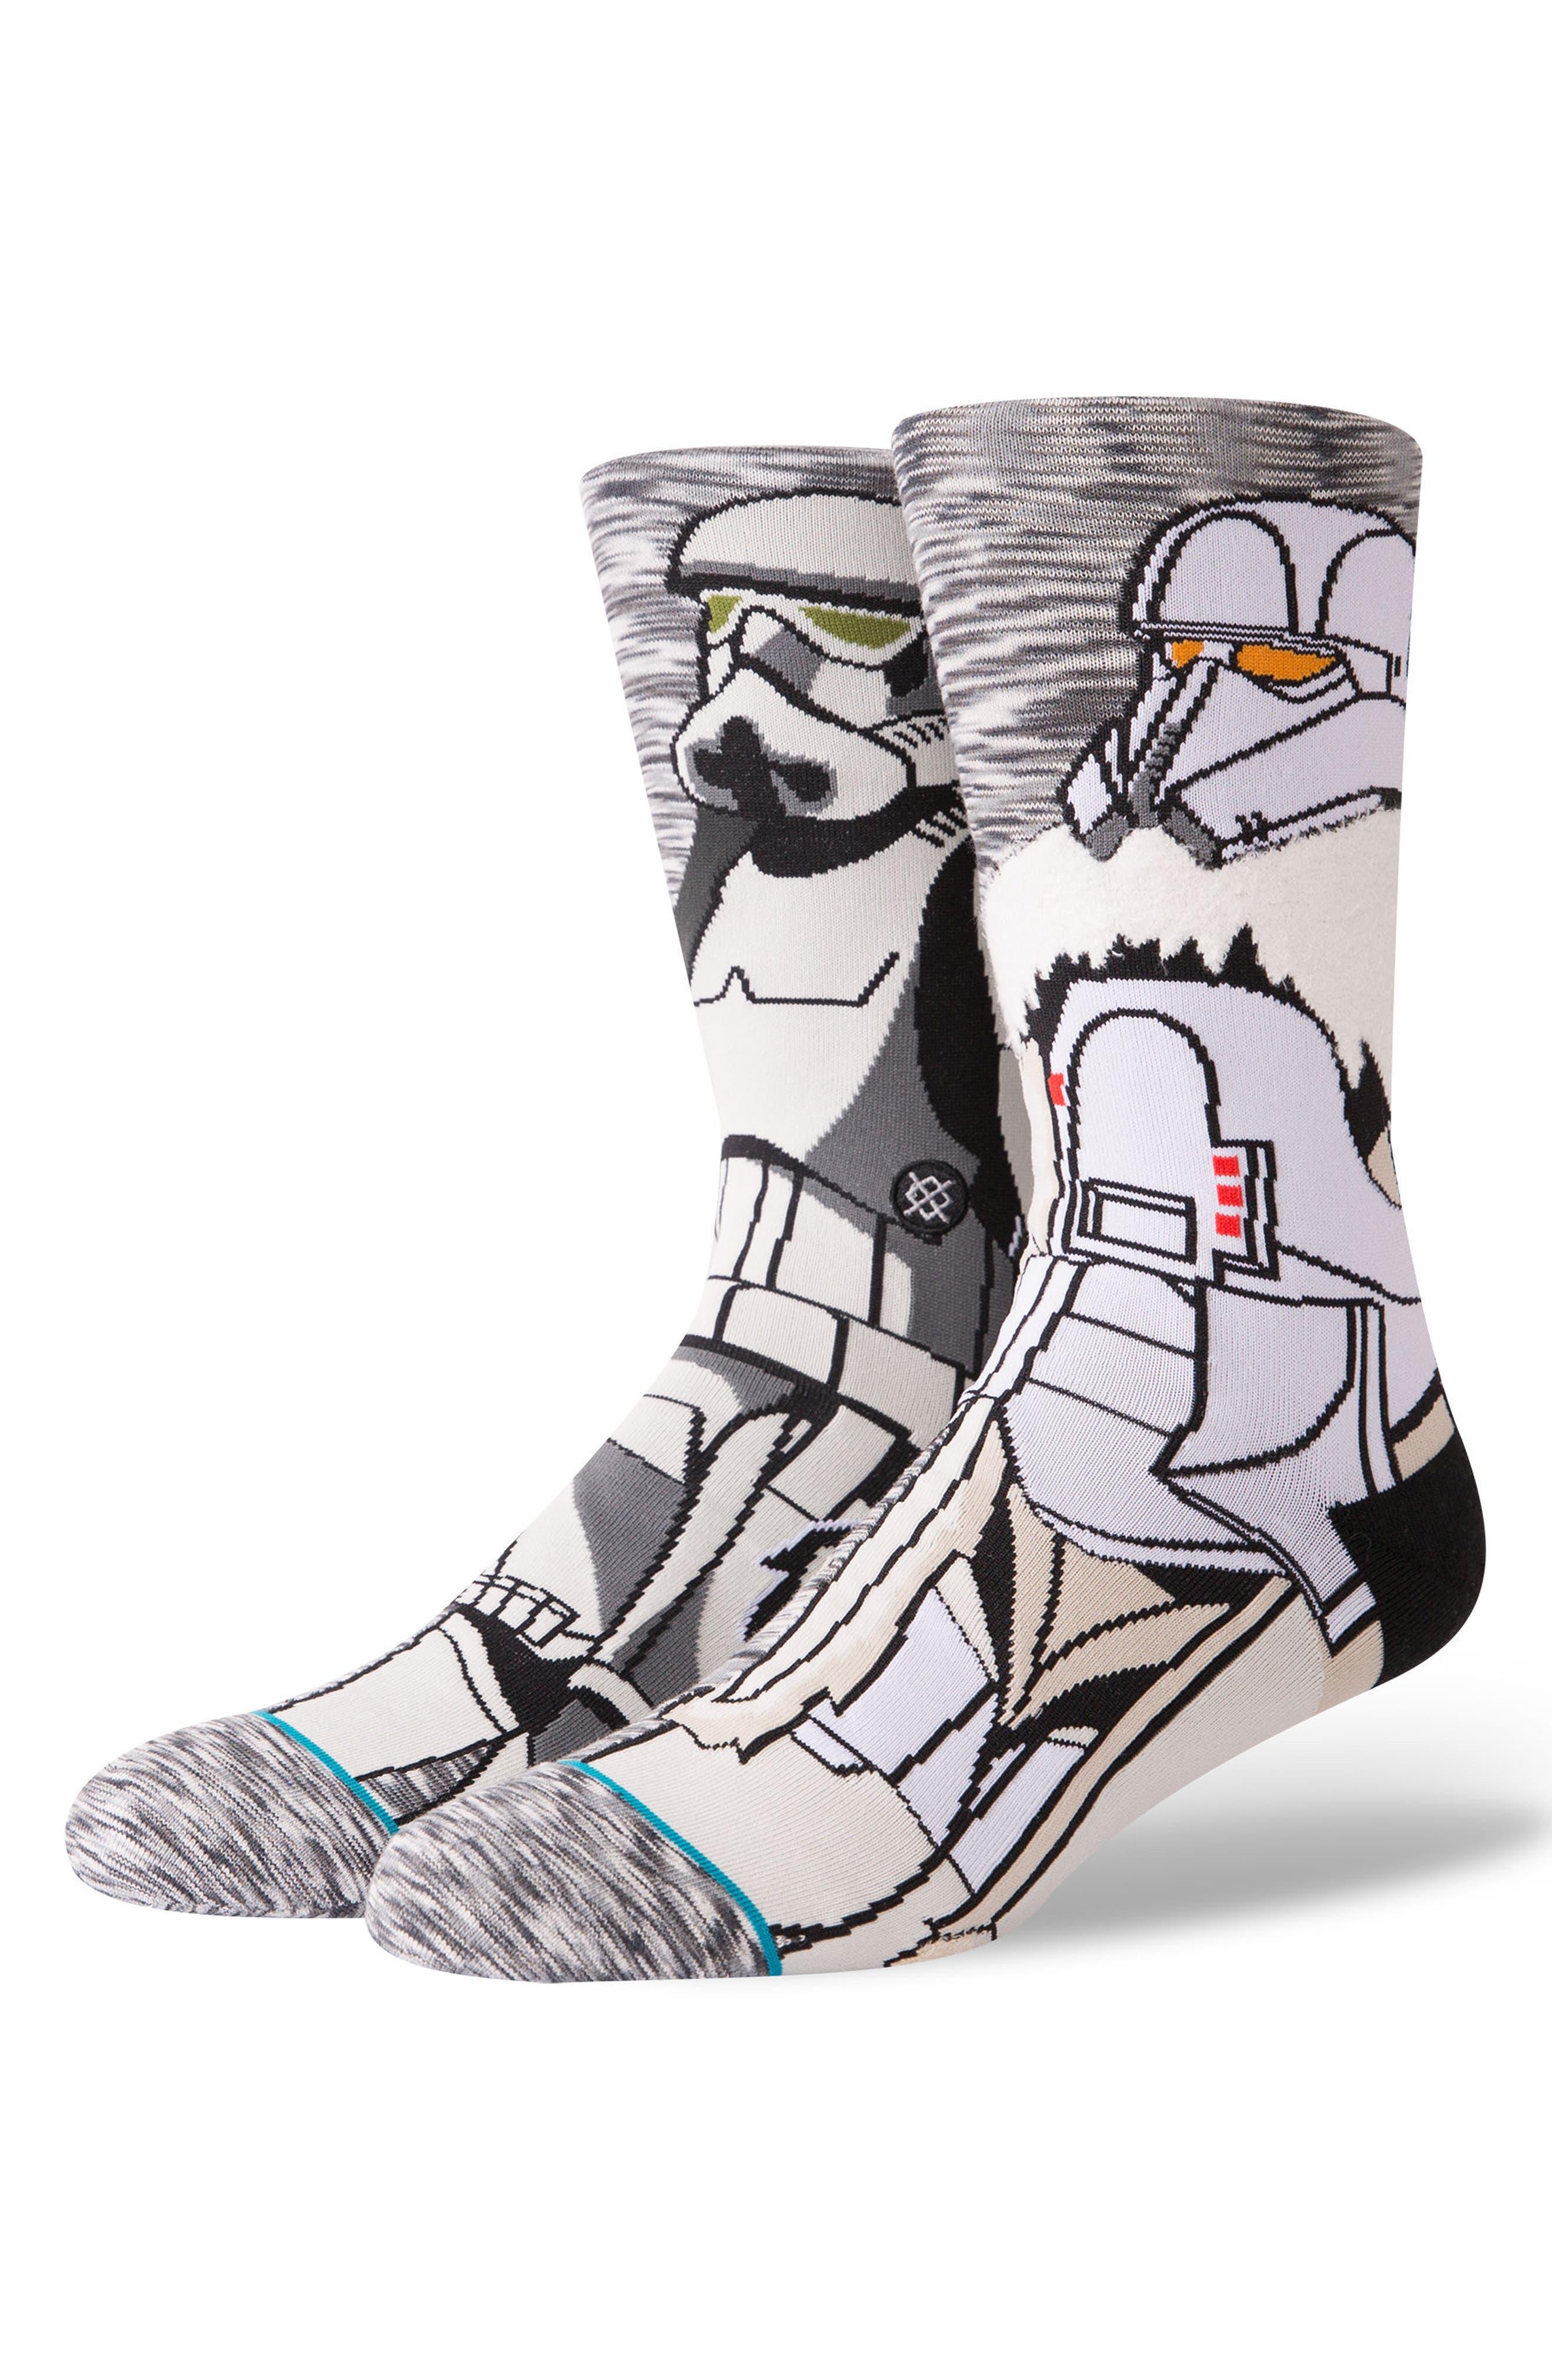 Star Wars Troop Socks,                         Main,                         color, Grey